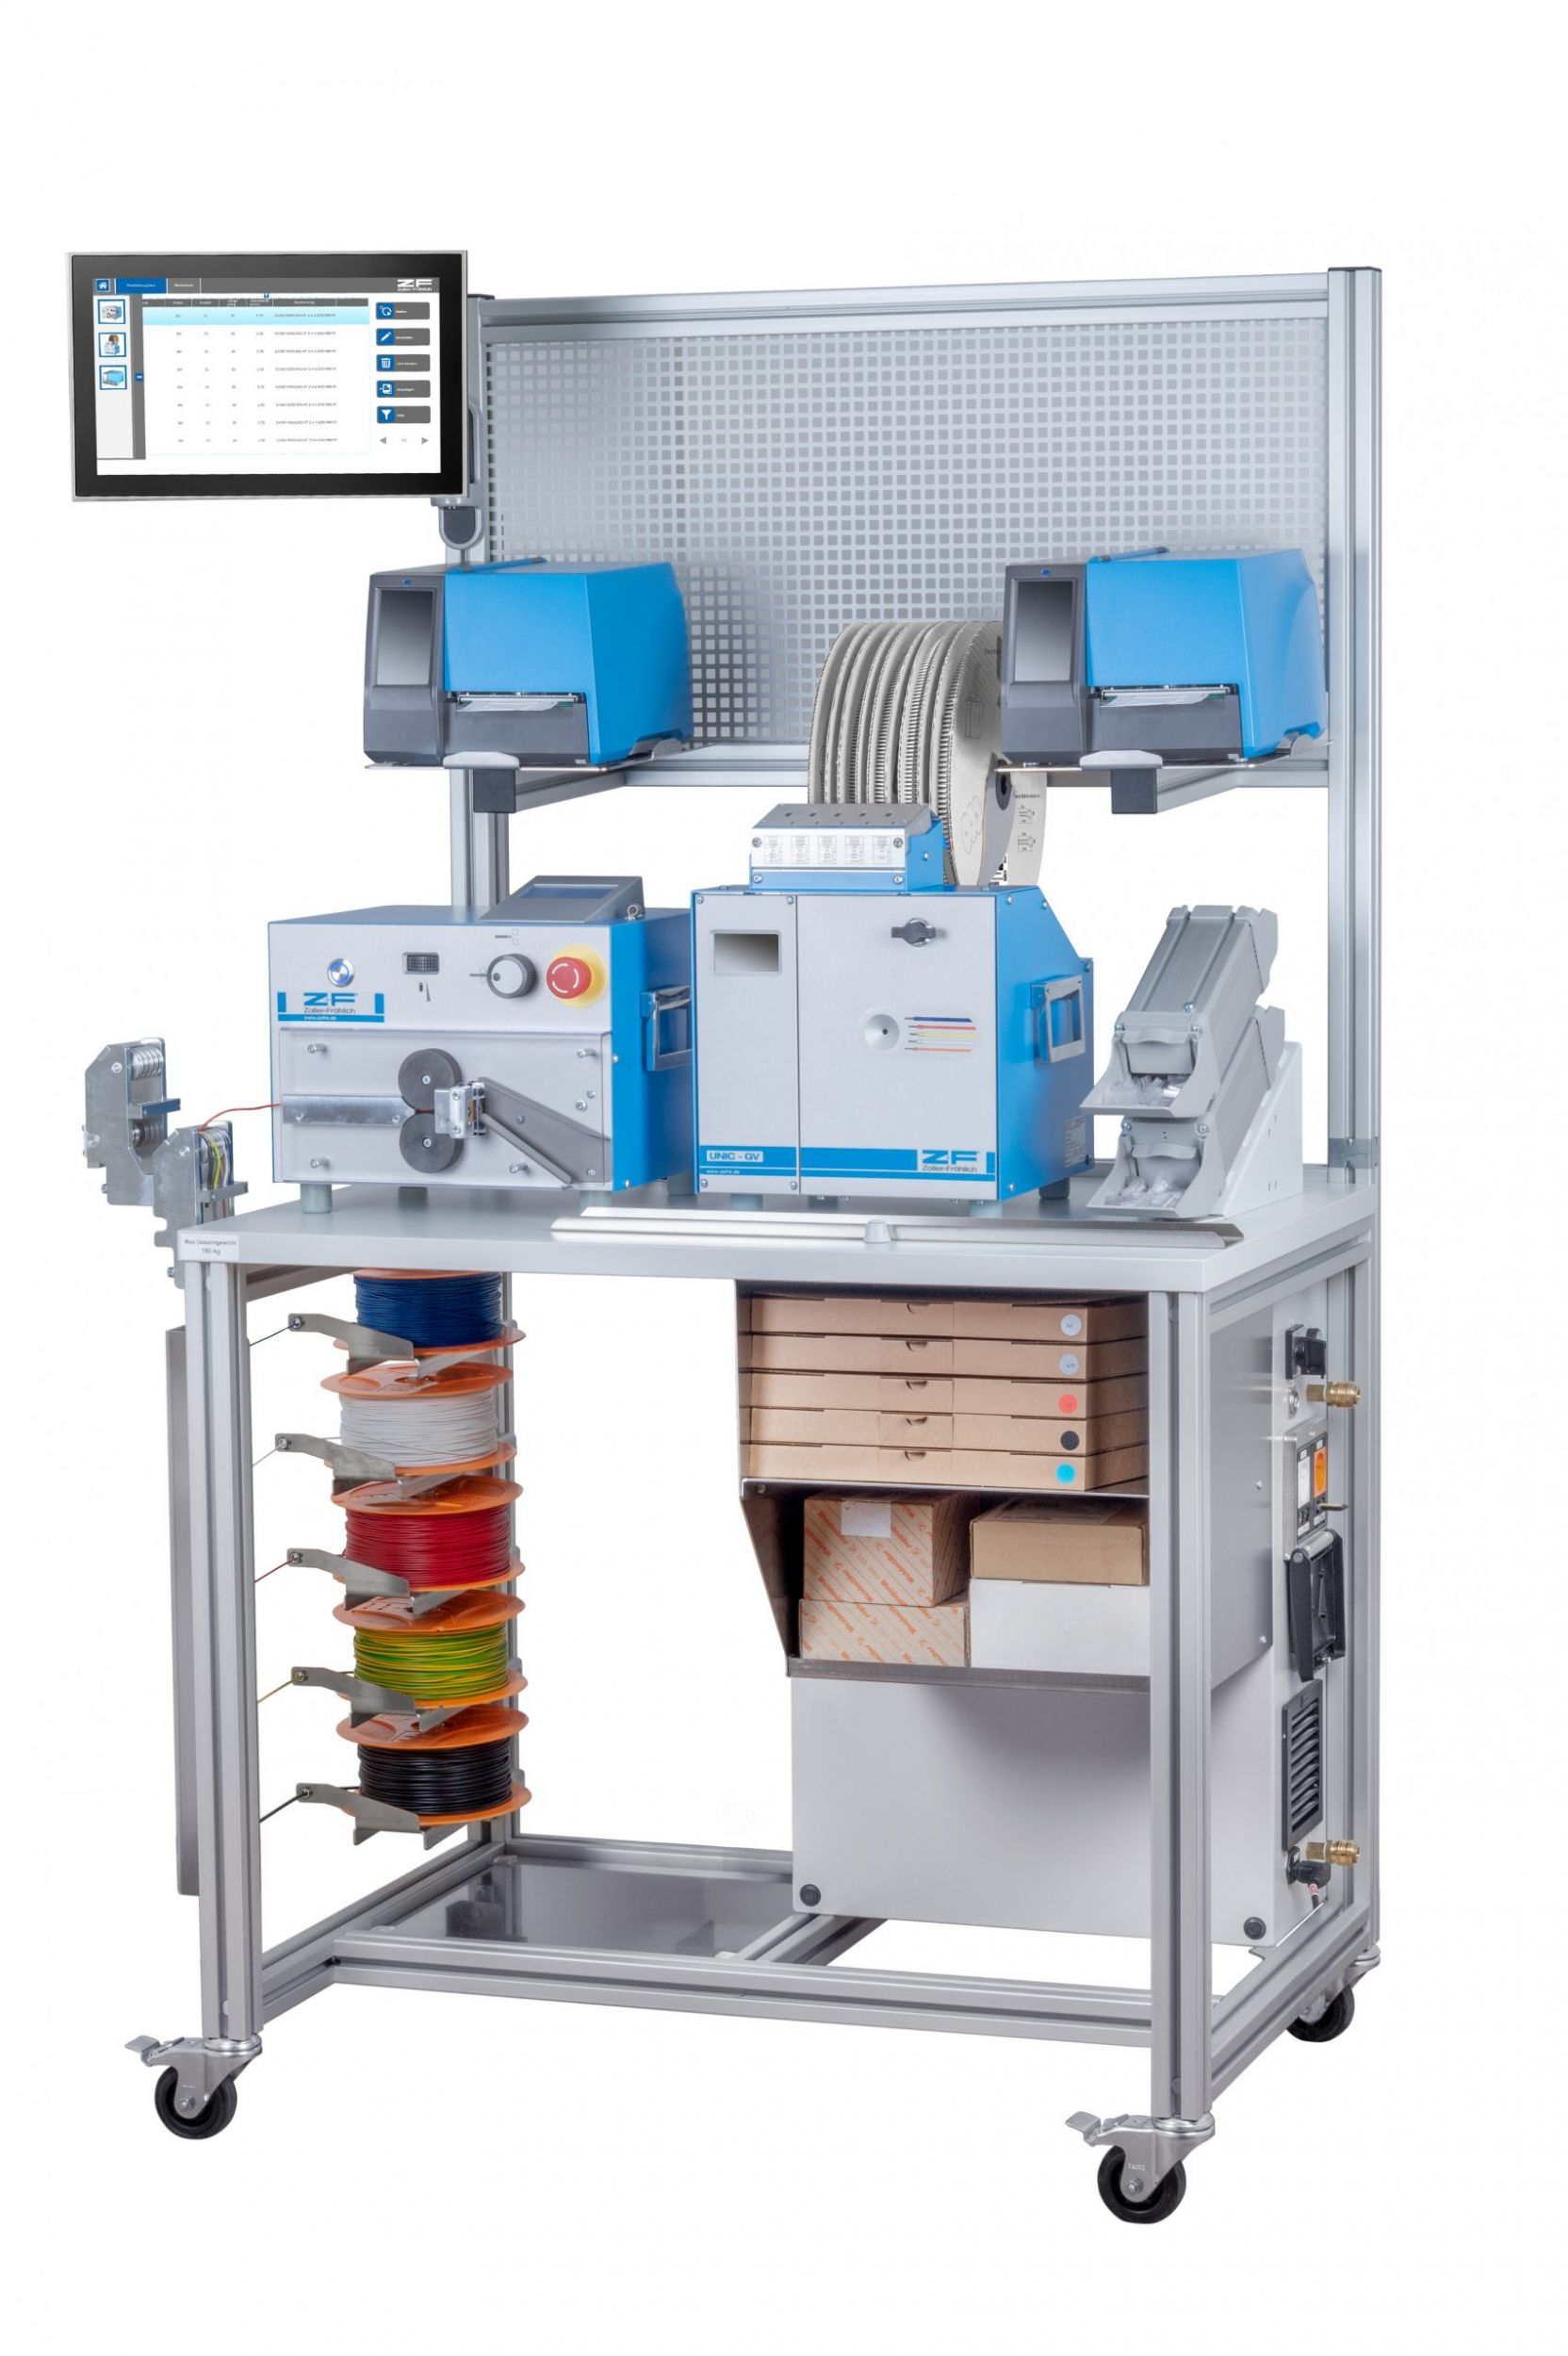 System zur teilautomatisierten Kabelverarbeitung